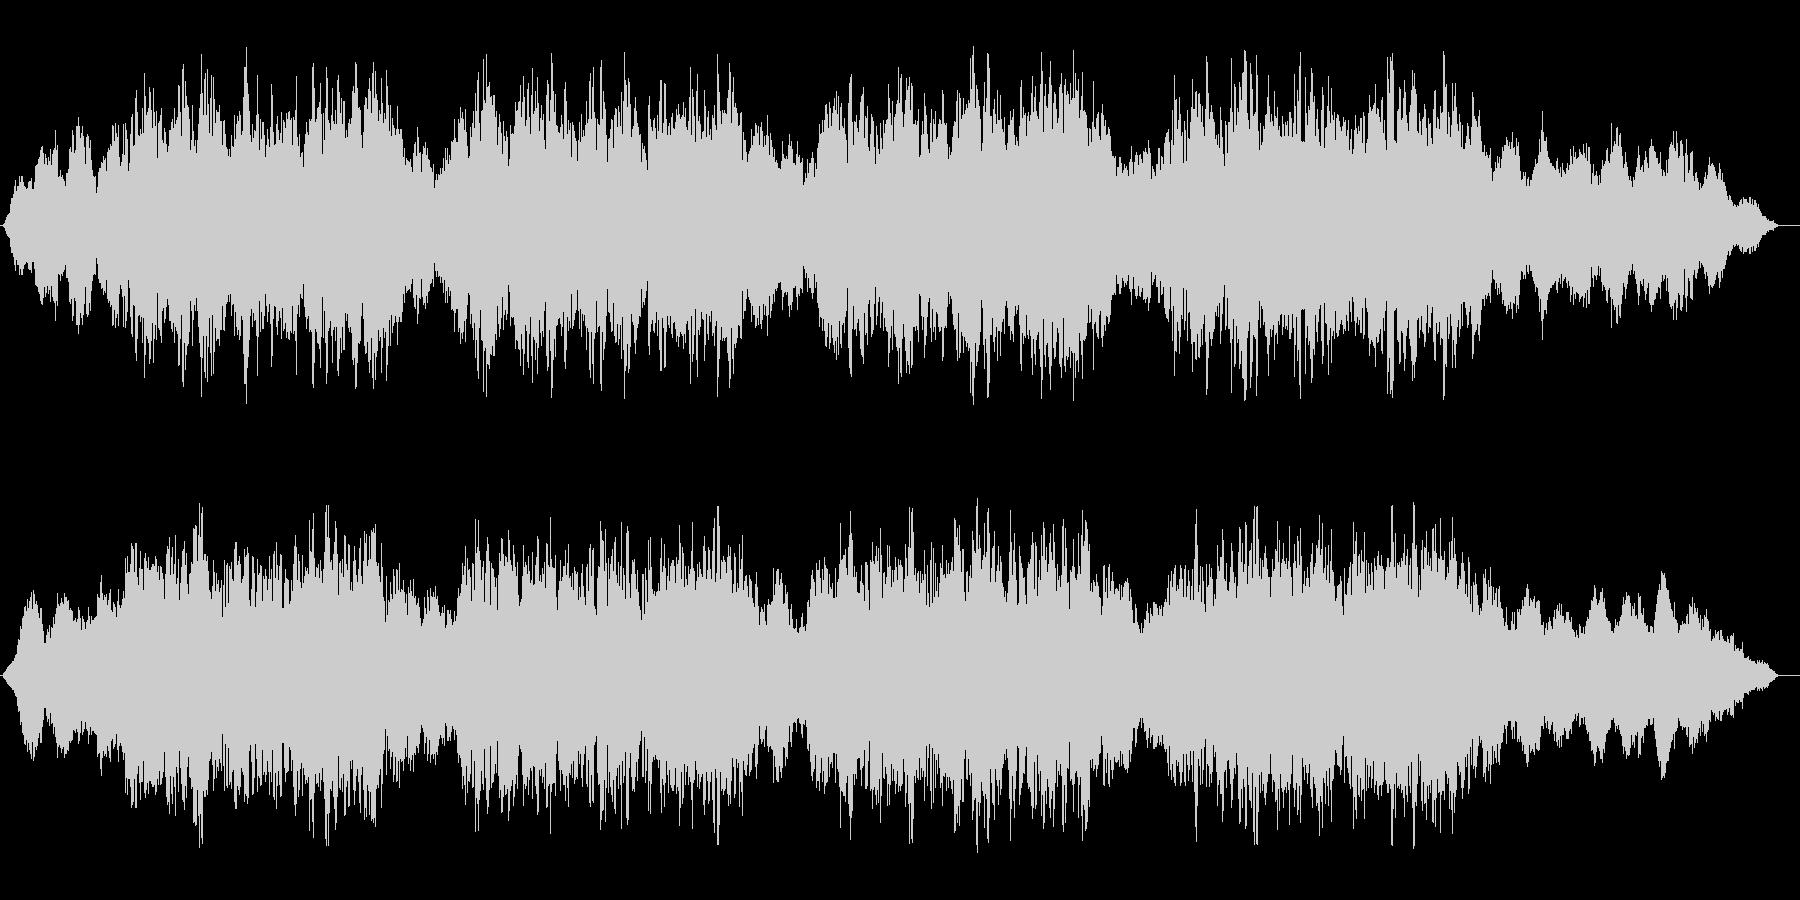 ホラー系BGM.01の未再生の波形